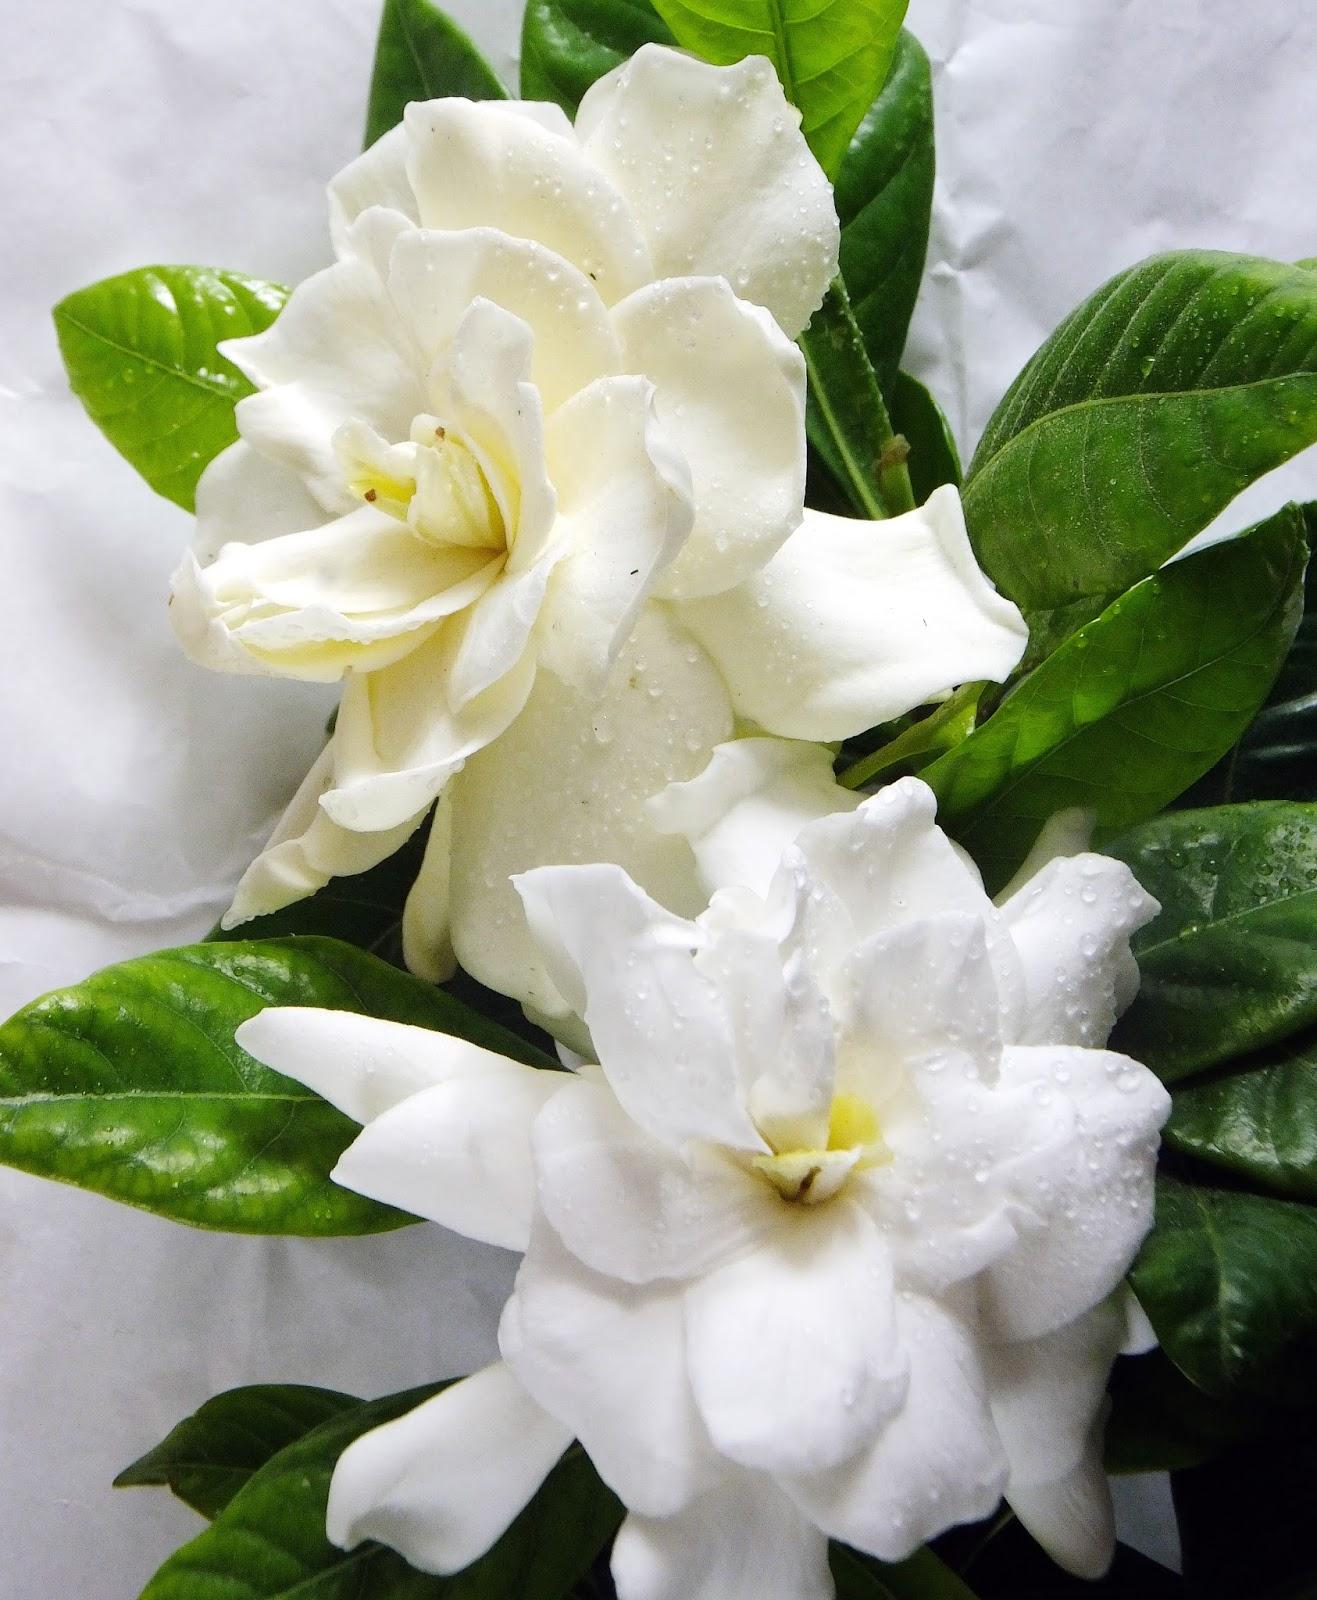 Fiori Gialli Gardenia.La Gardenia La Mia Casa Nel Vento